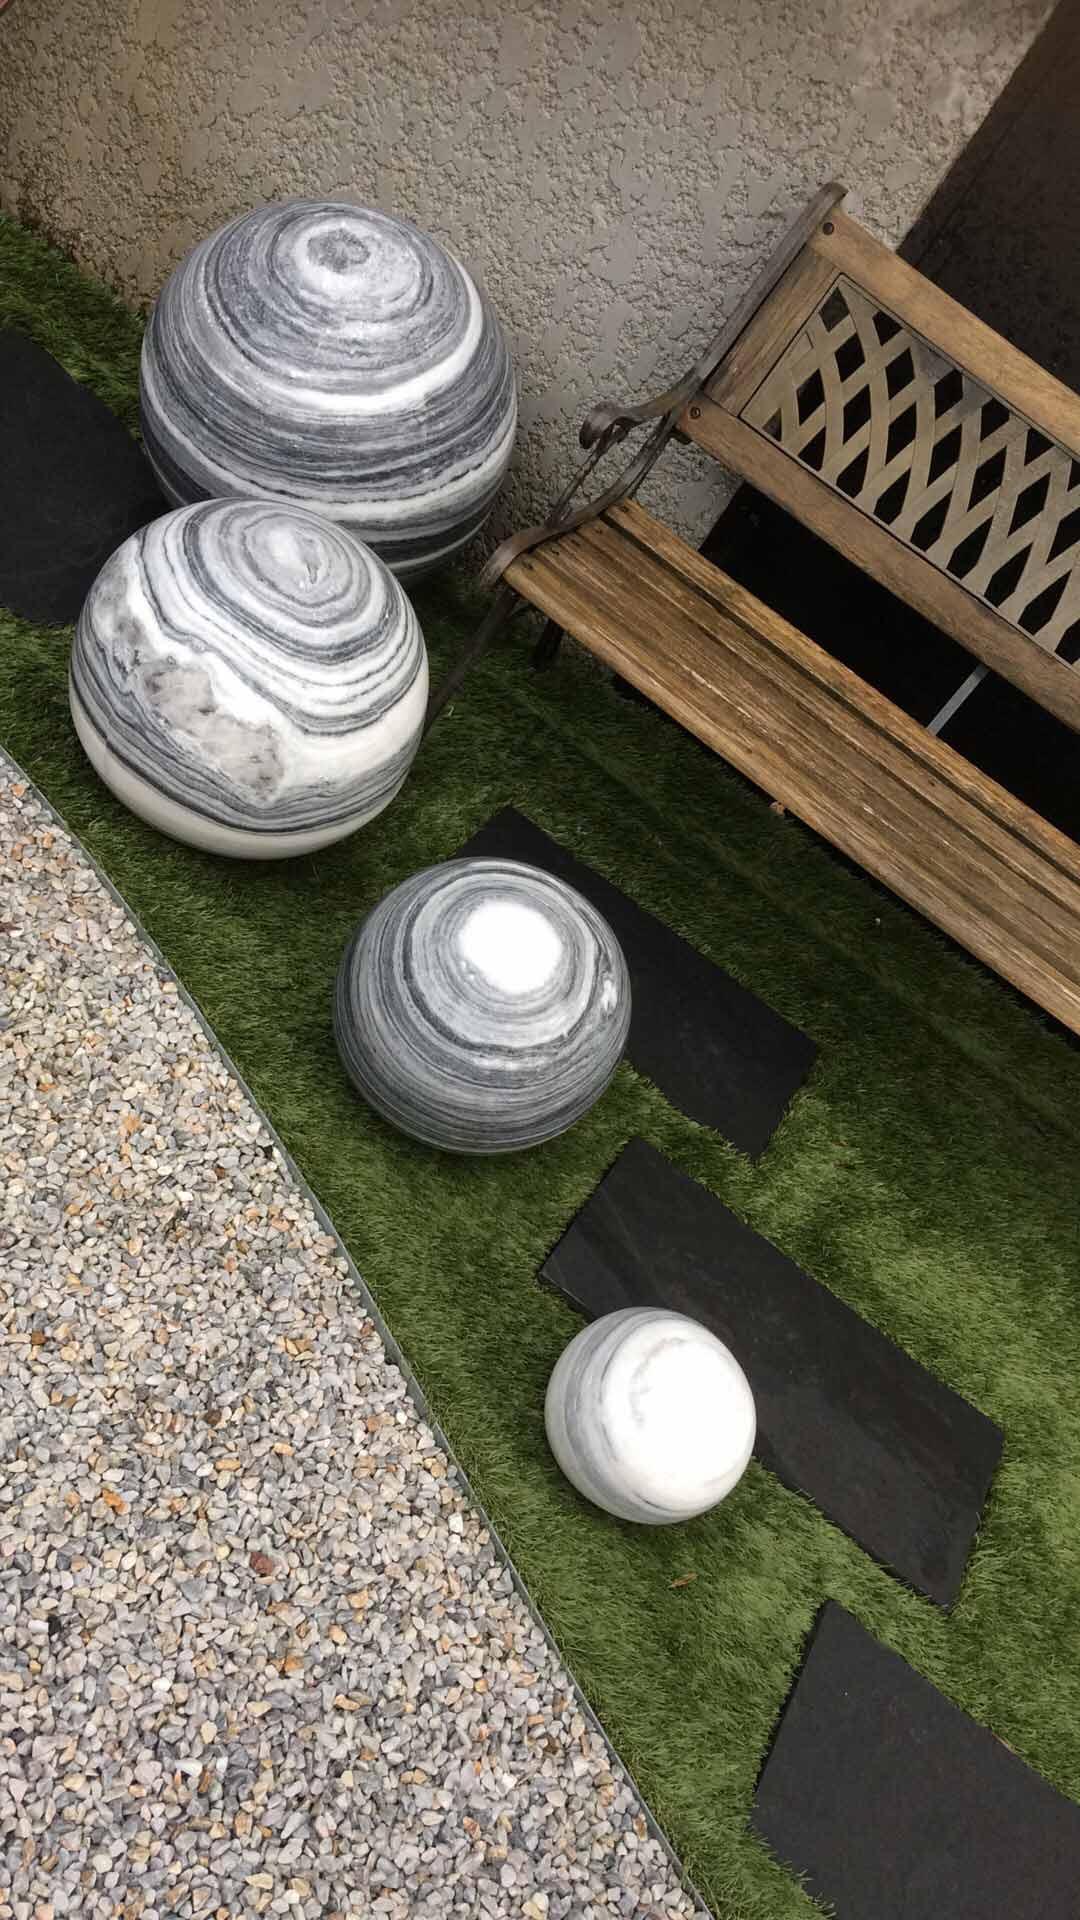 nouveaut s pezzutto sable et gravier. Black Bedroom Furniture Sets. Home Design Ideas